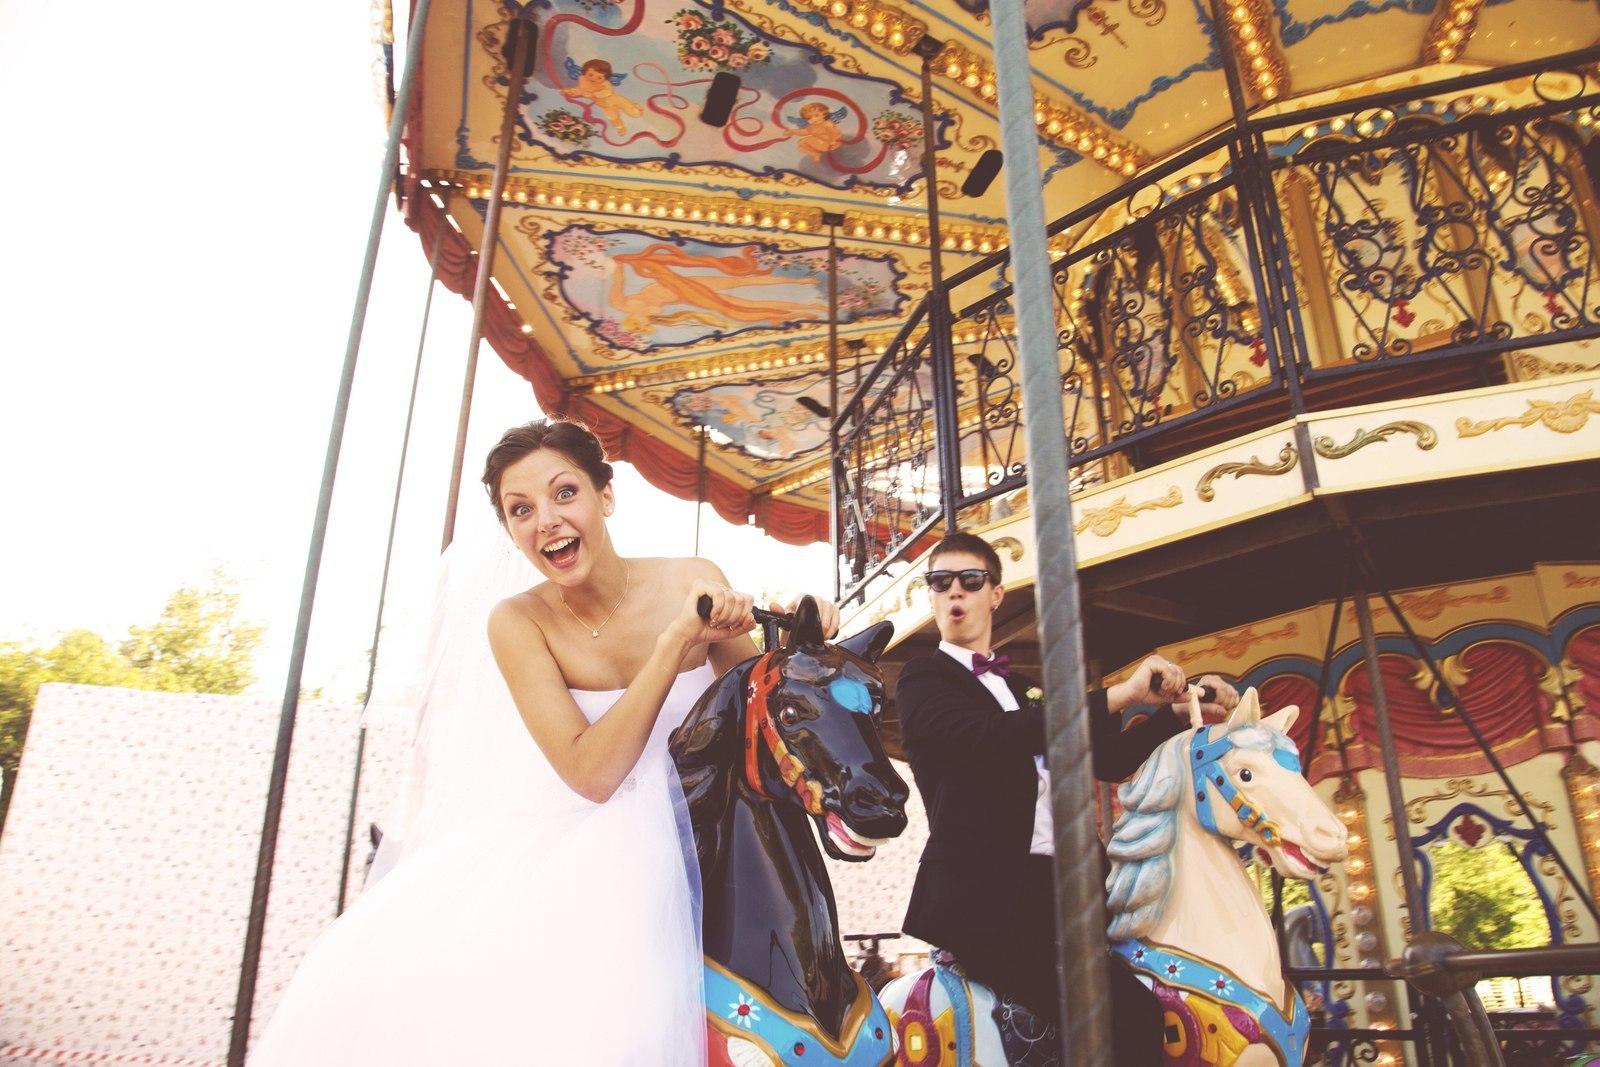 OQzJBHJCZOY - Выбираем ведущего на свадьбу: советы профессионала